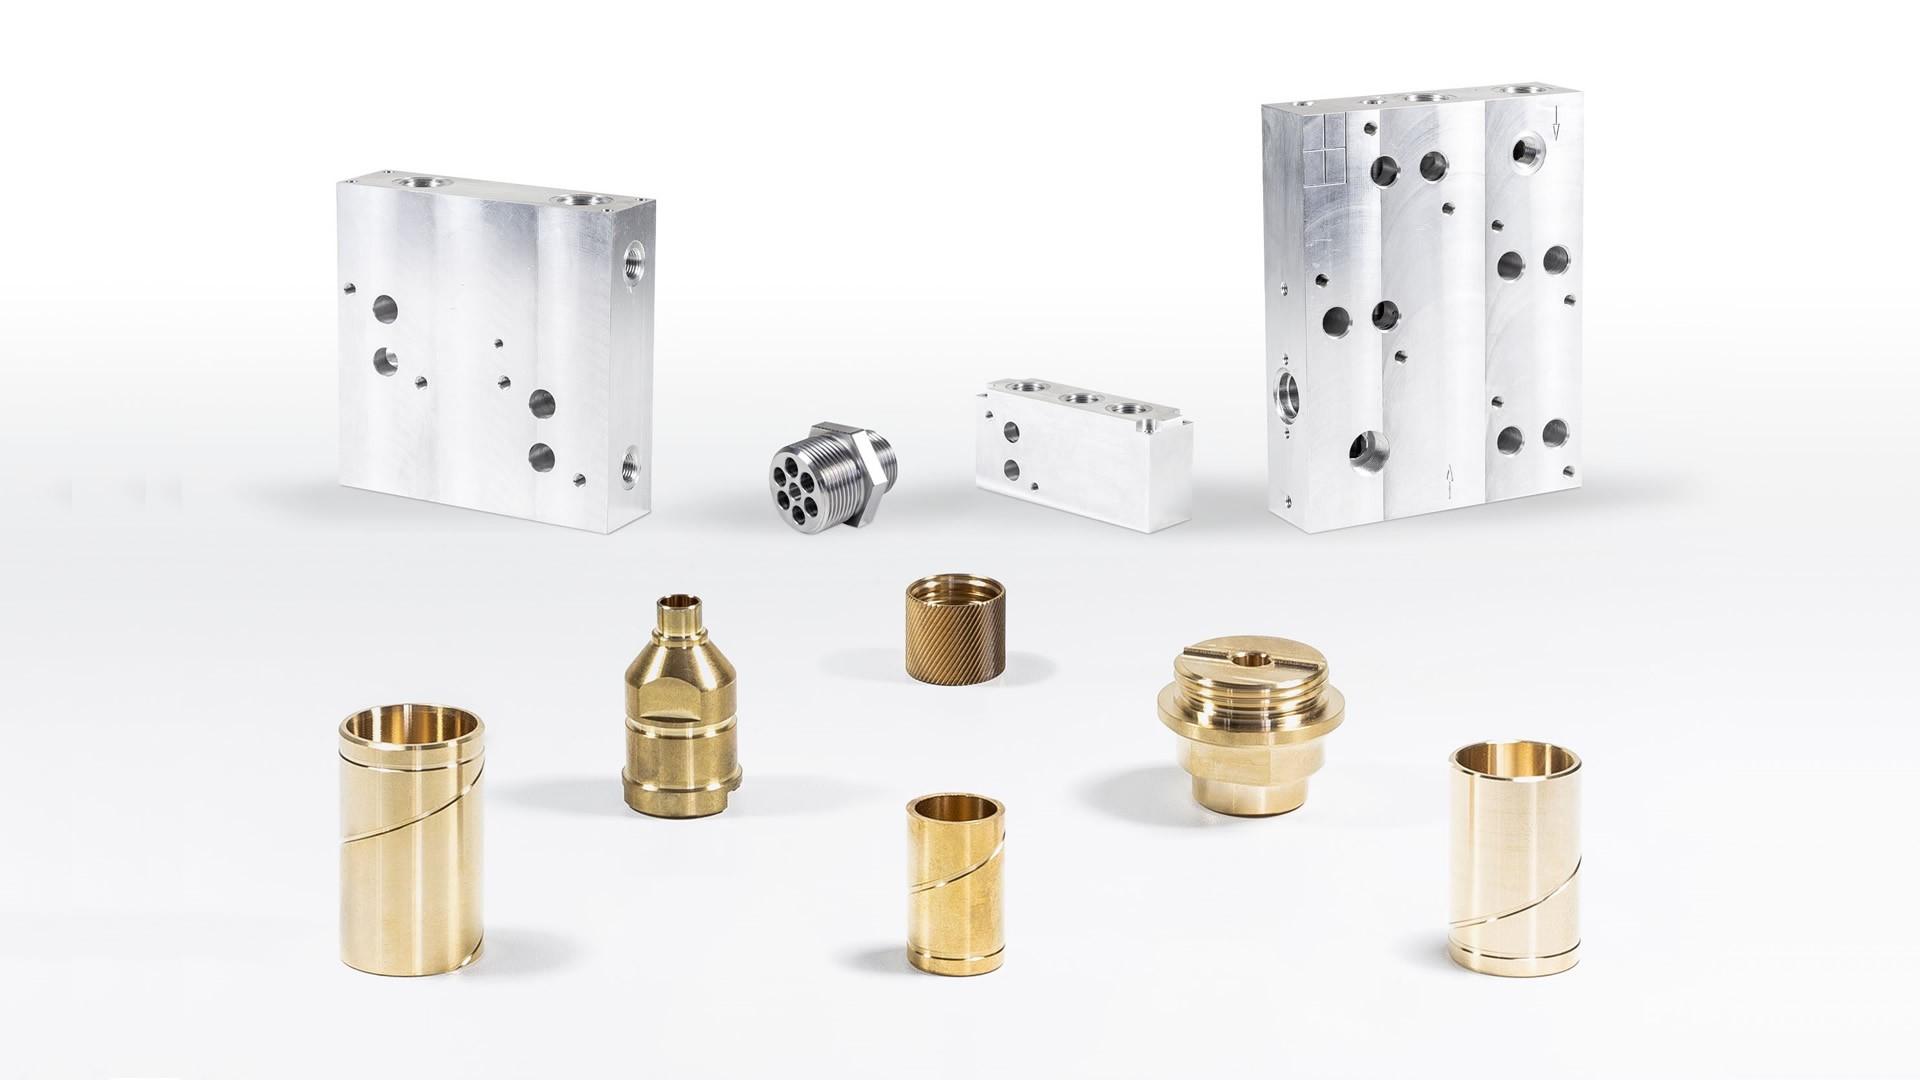 Individuell gefertigte CNC Drehteile und CNC Frästeile produzieren wir für hydraulische Anlagen, wie auf der Abbildung zu sehen.